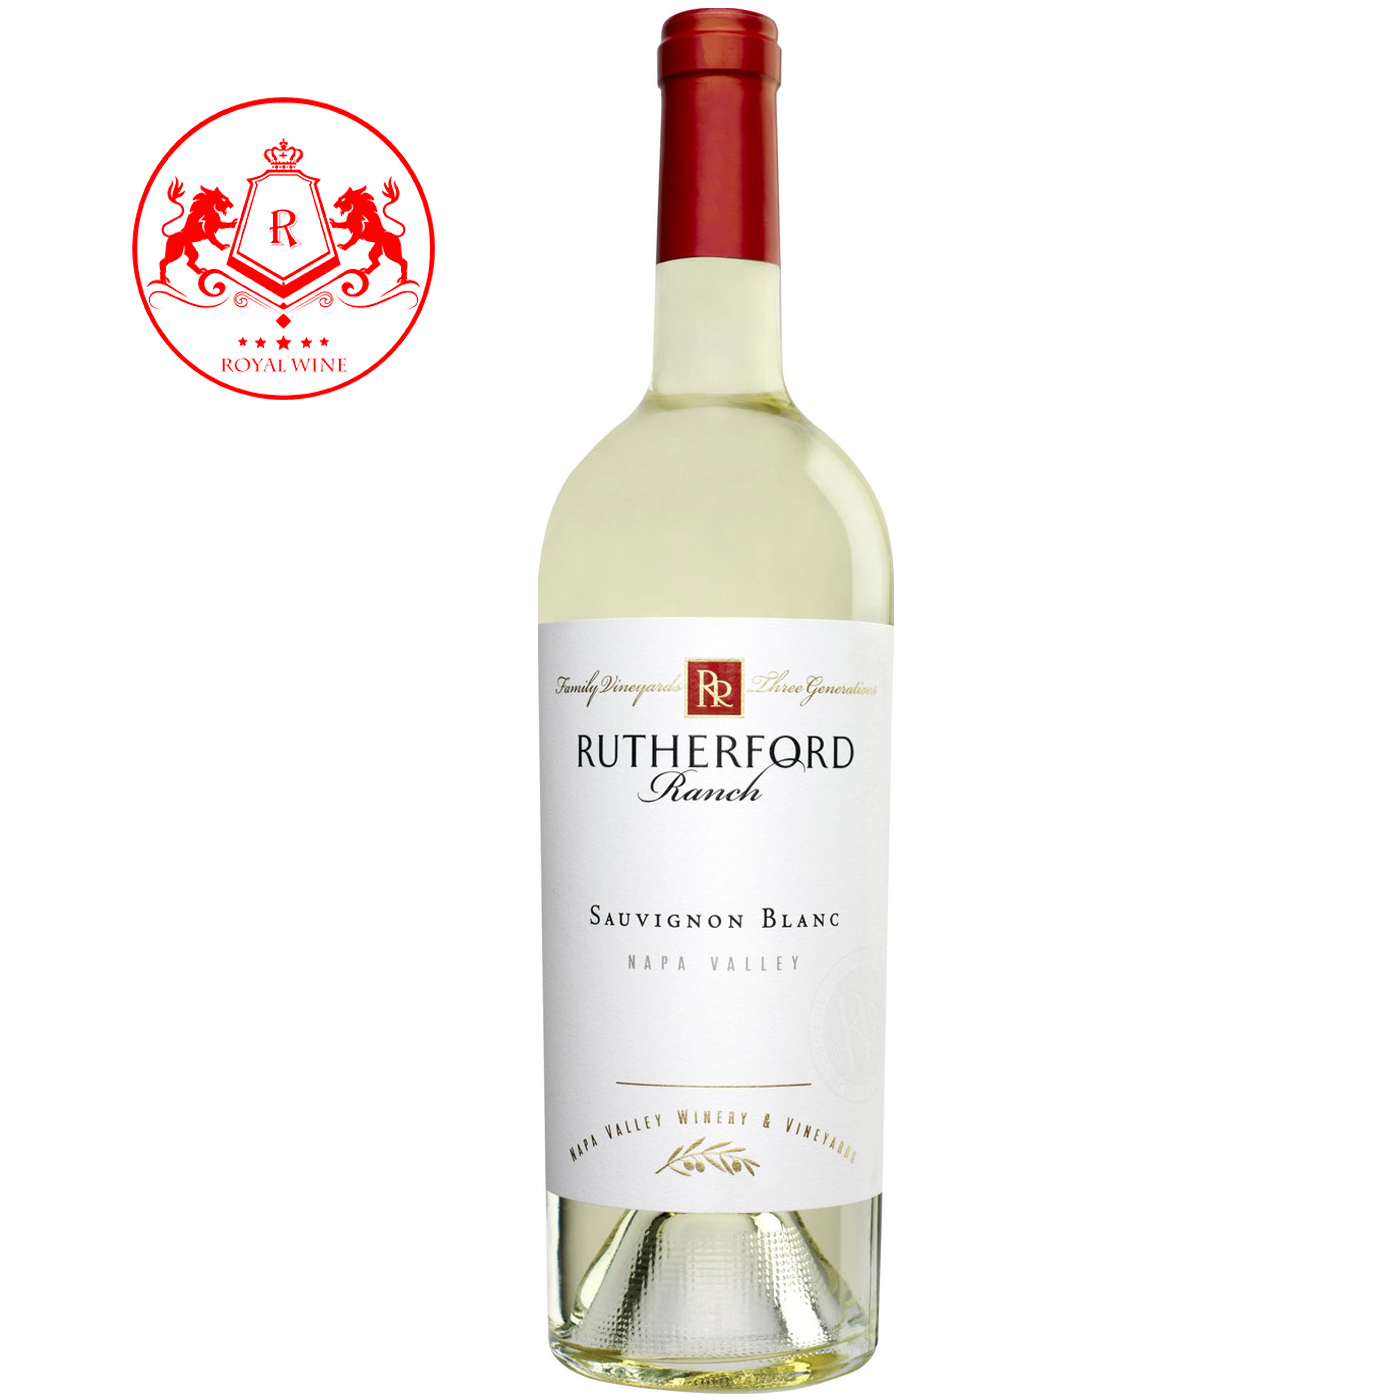 Rượu vang RUTHERFORD Ranch Sauvignon Blanc